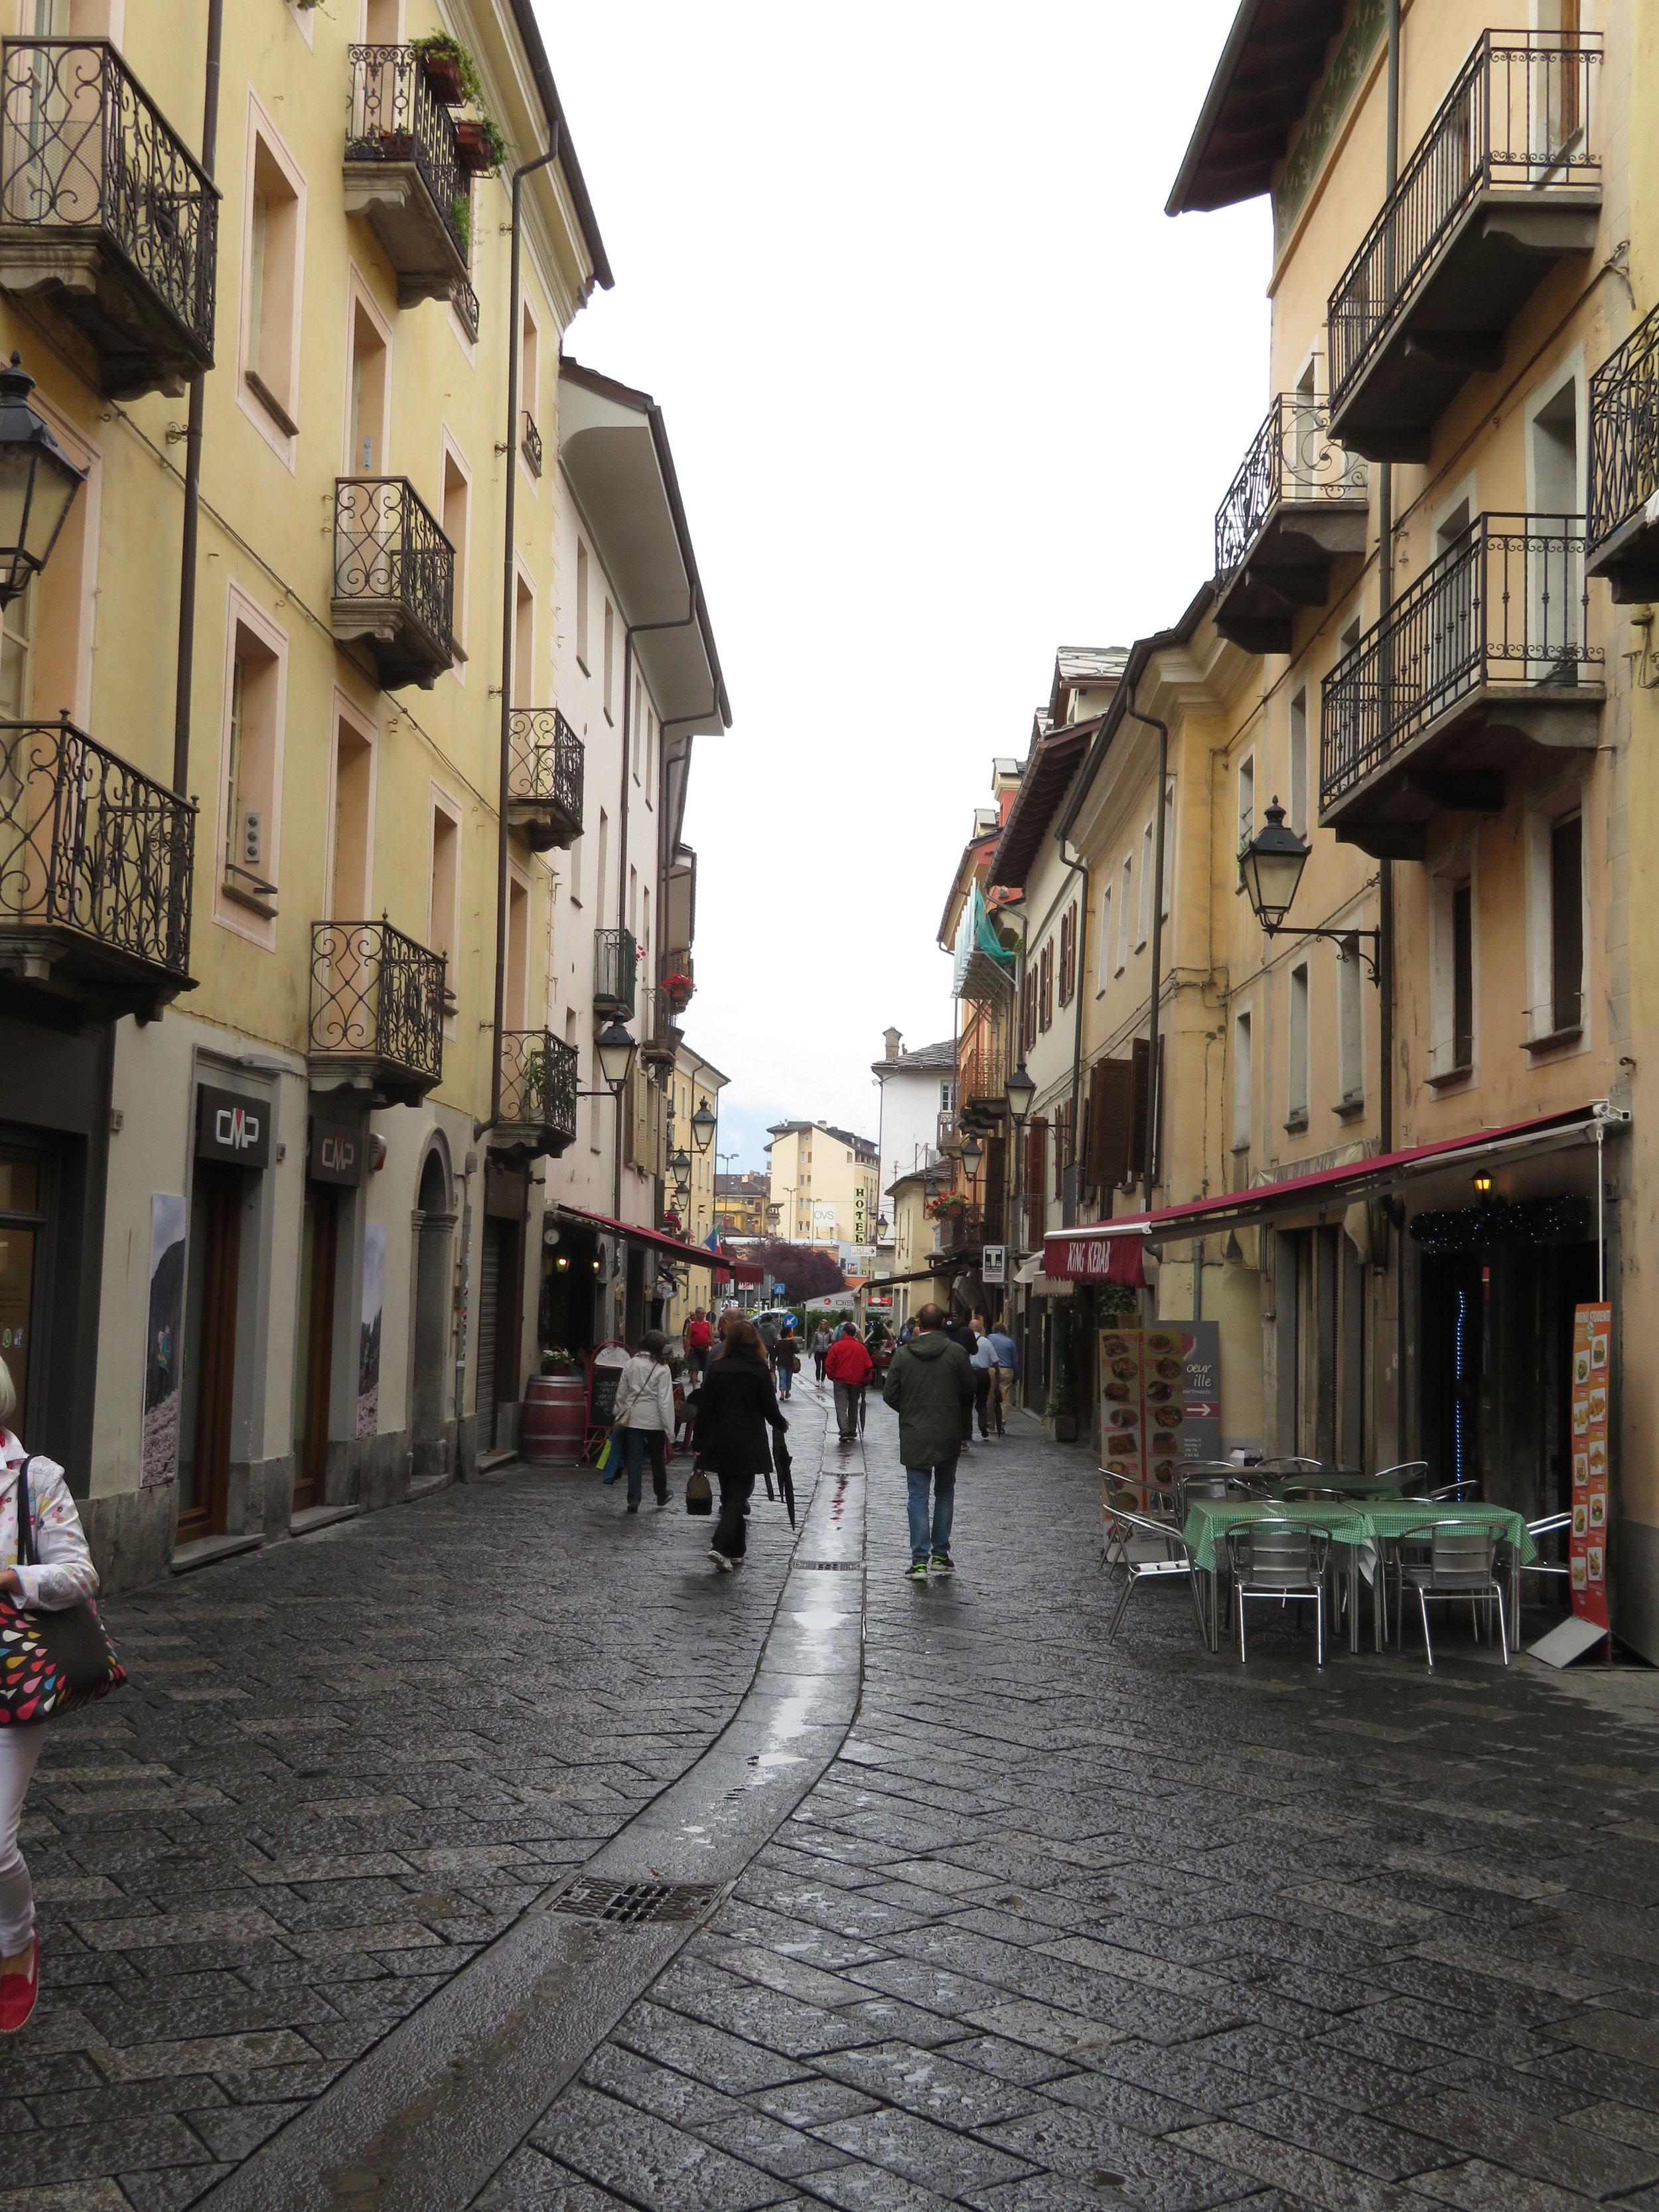 Busy, wet Aosta street